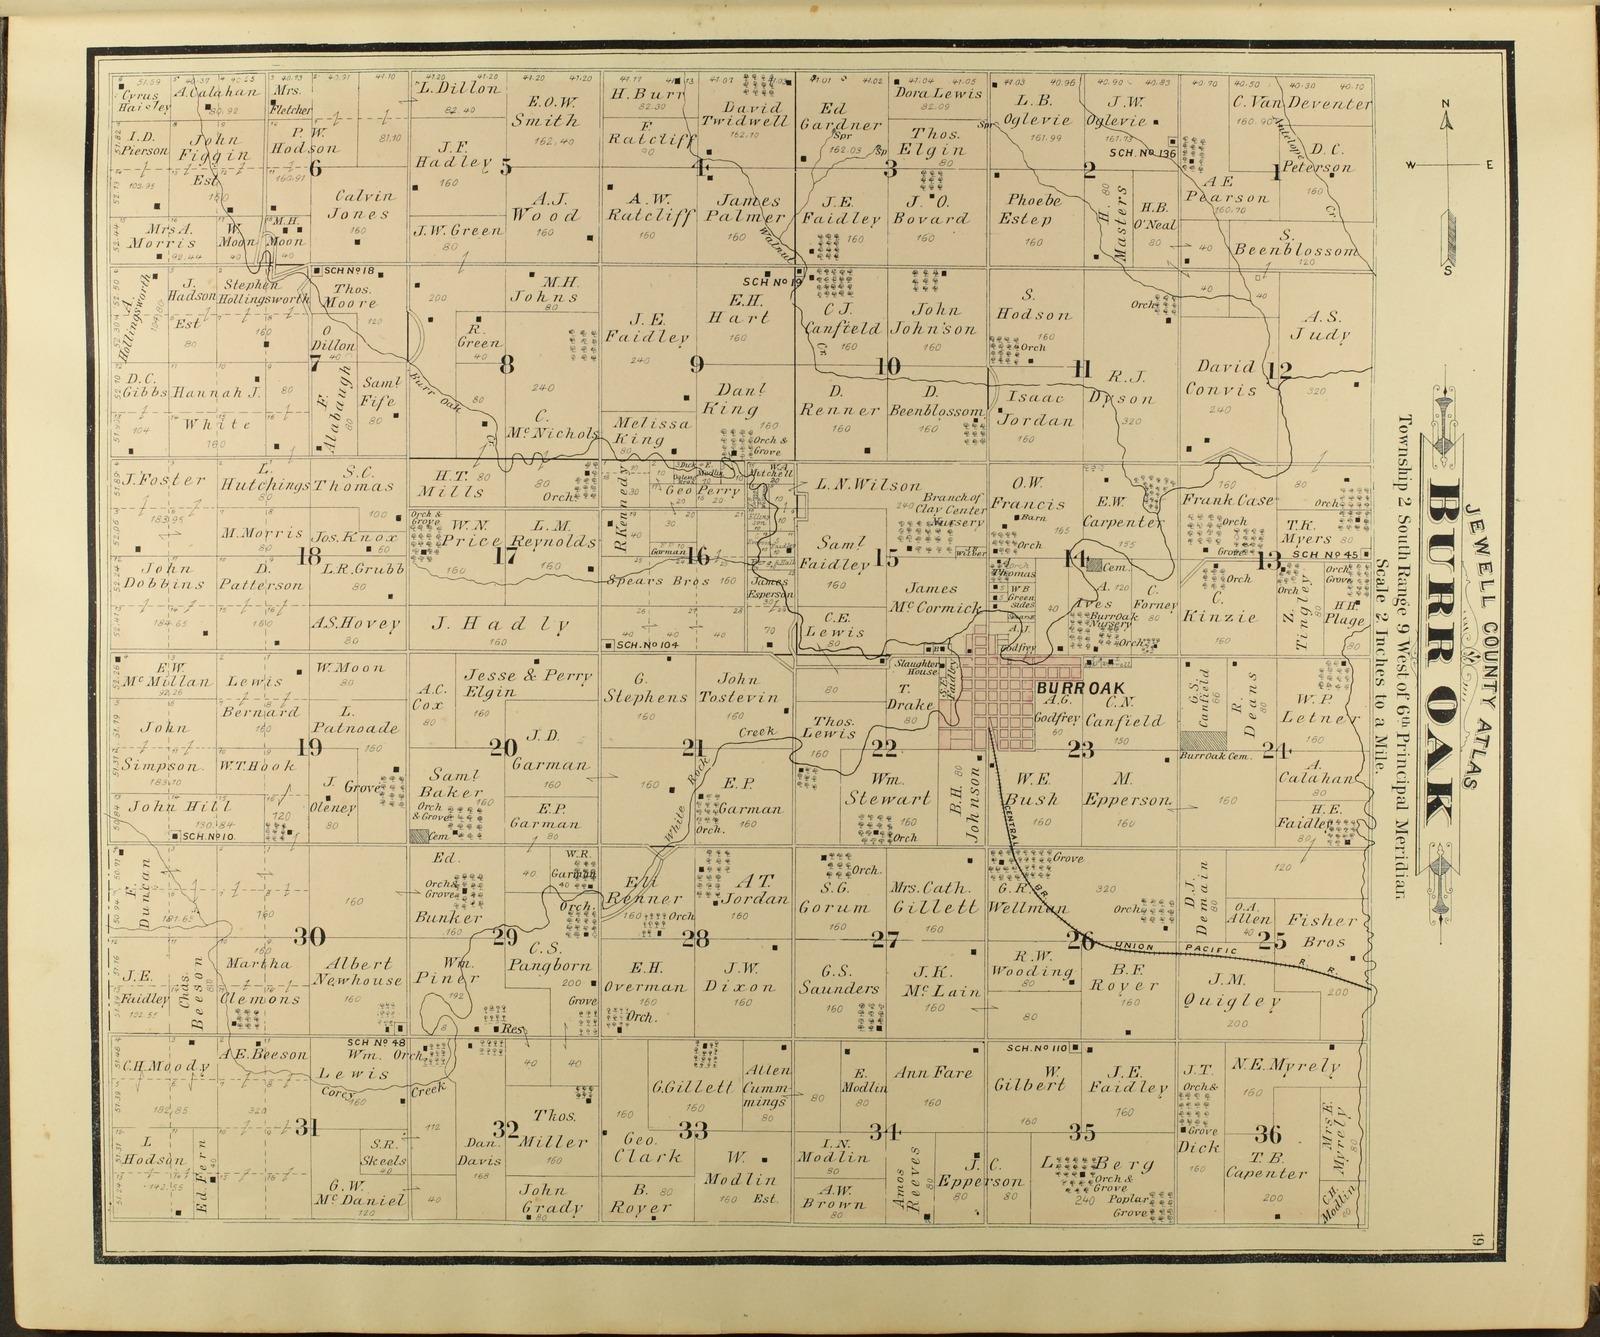 Atlas of Jewell County, Kansas - 19